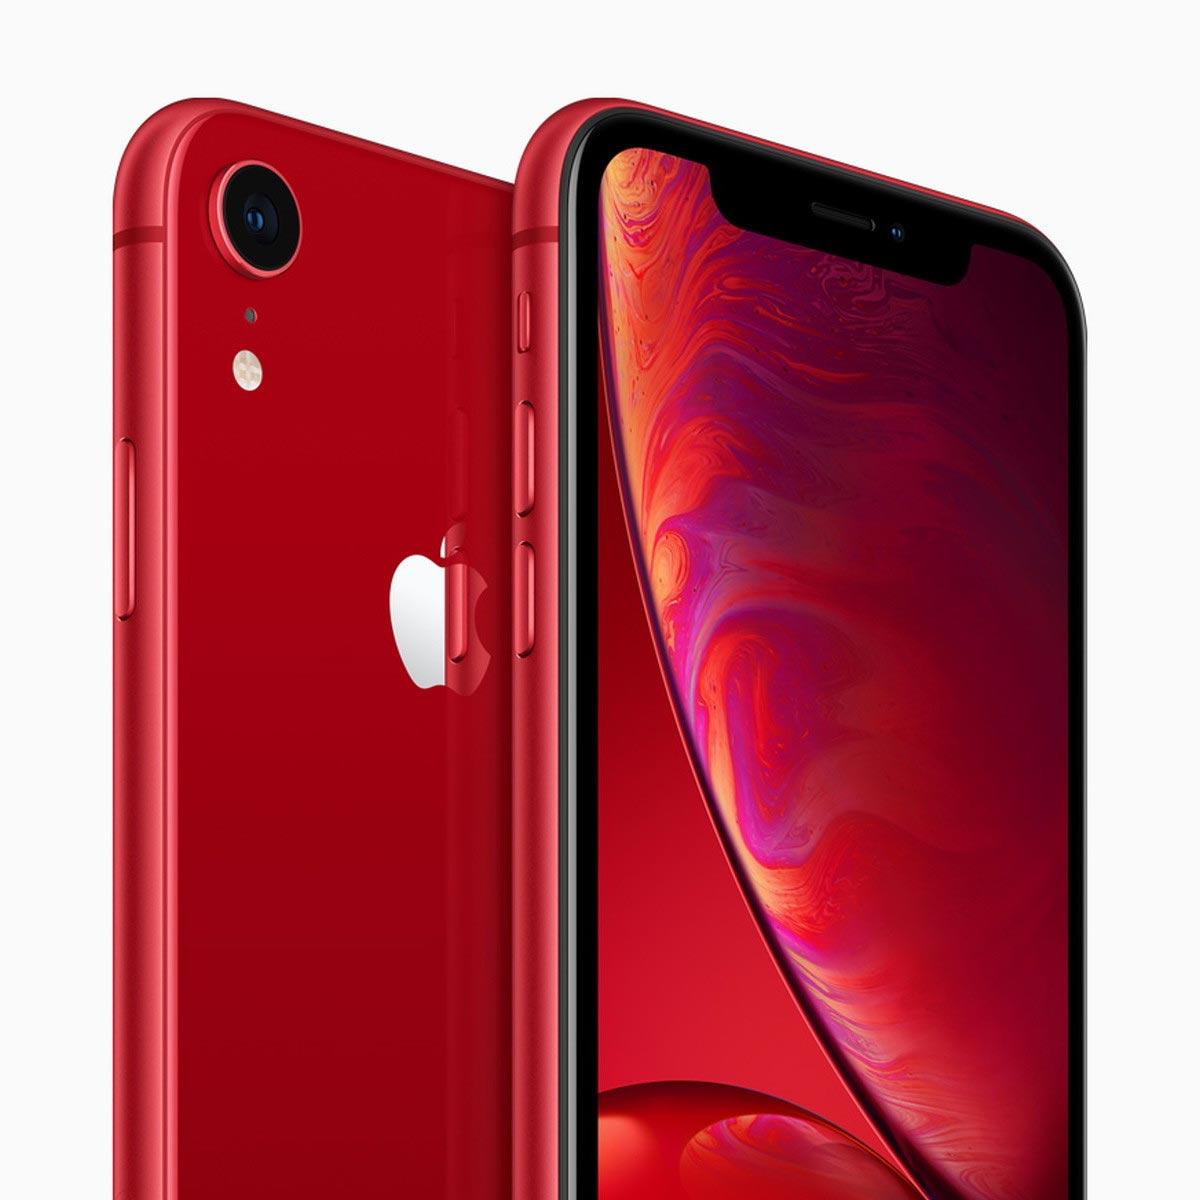 サブブランド&MVNOで購入できる「iPhone」はこれだ! 狙い目は「iPhone 7」か「iPhone XR」?